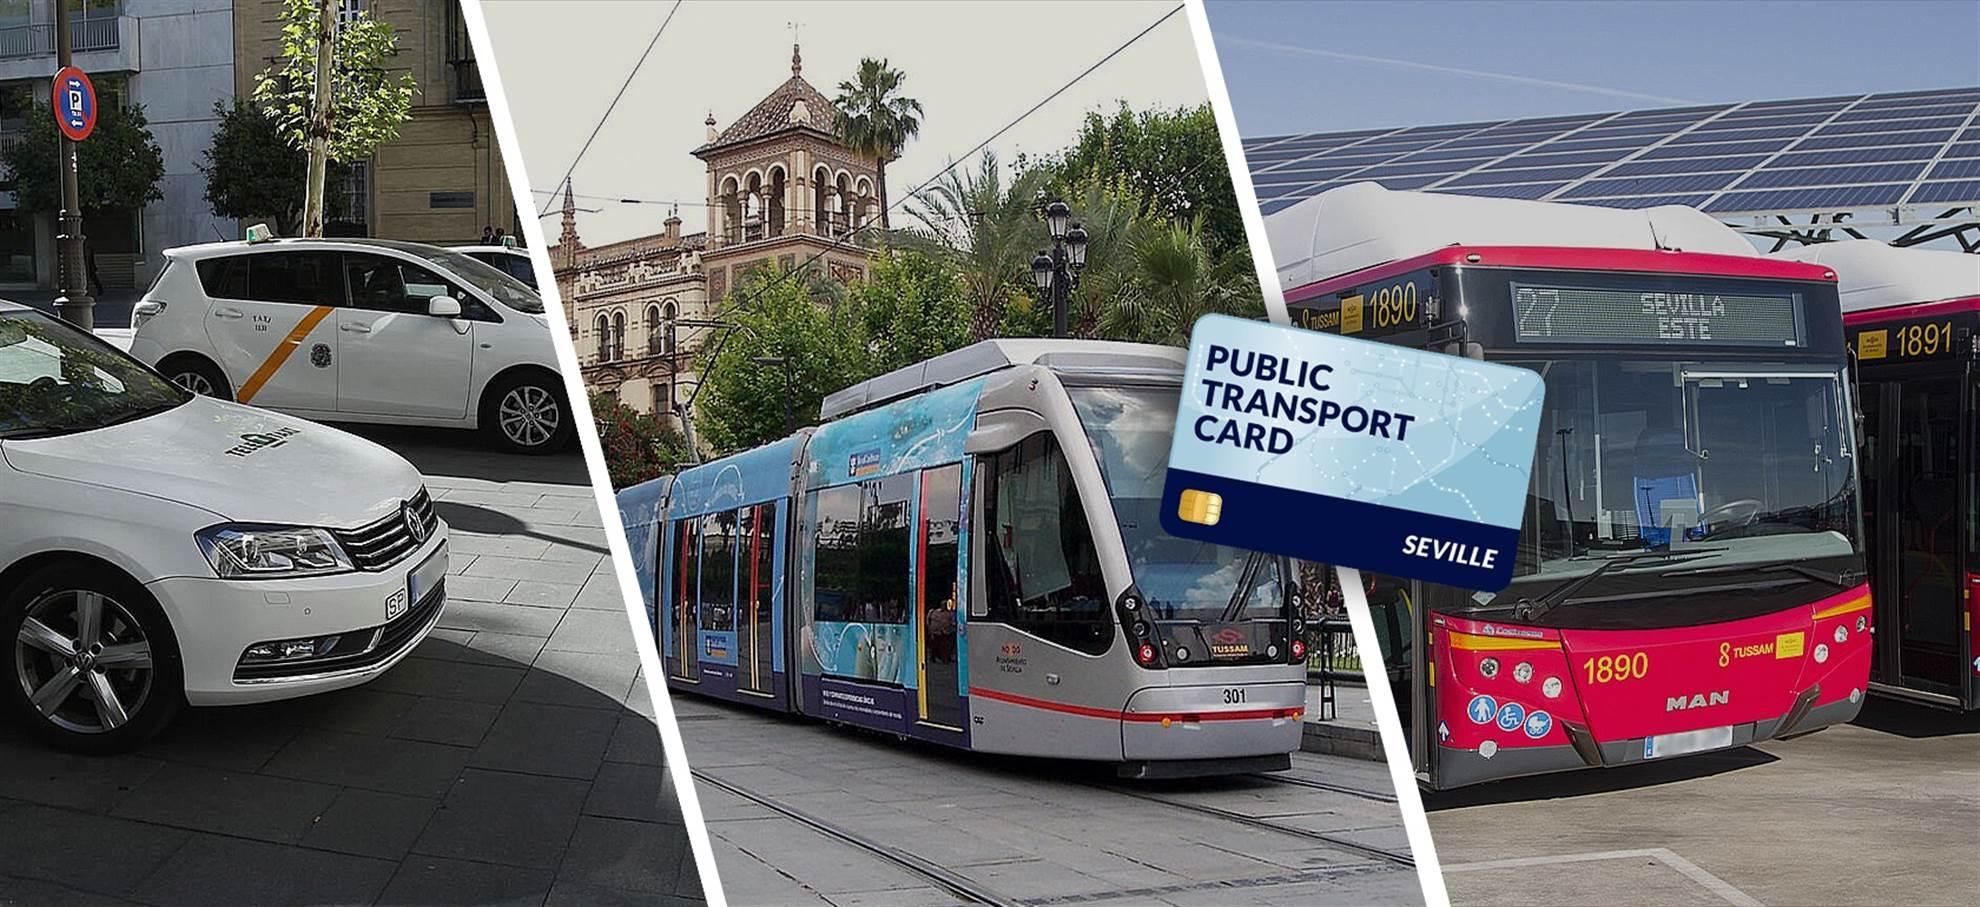 Sevilla Travel Card